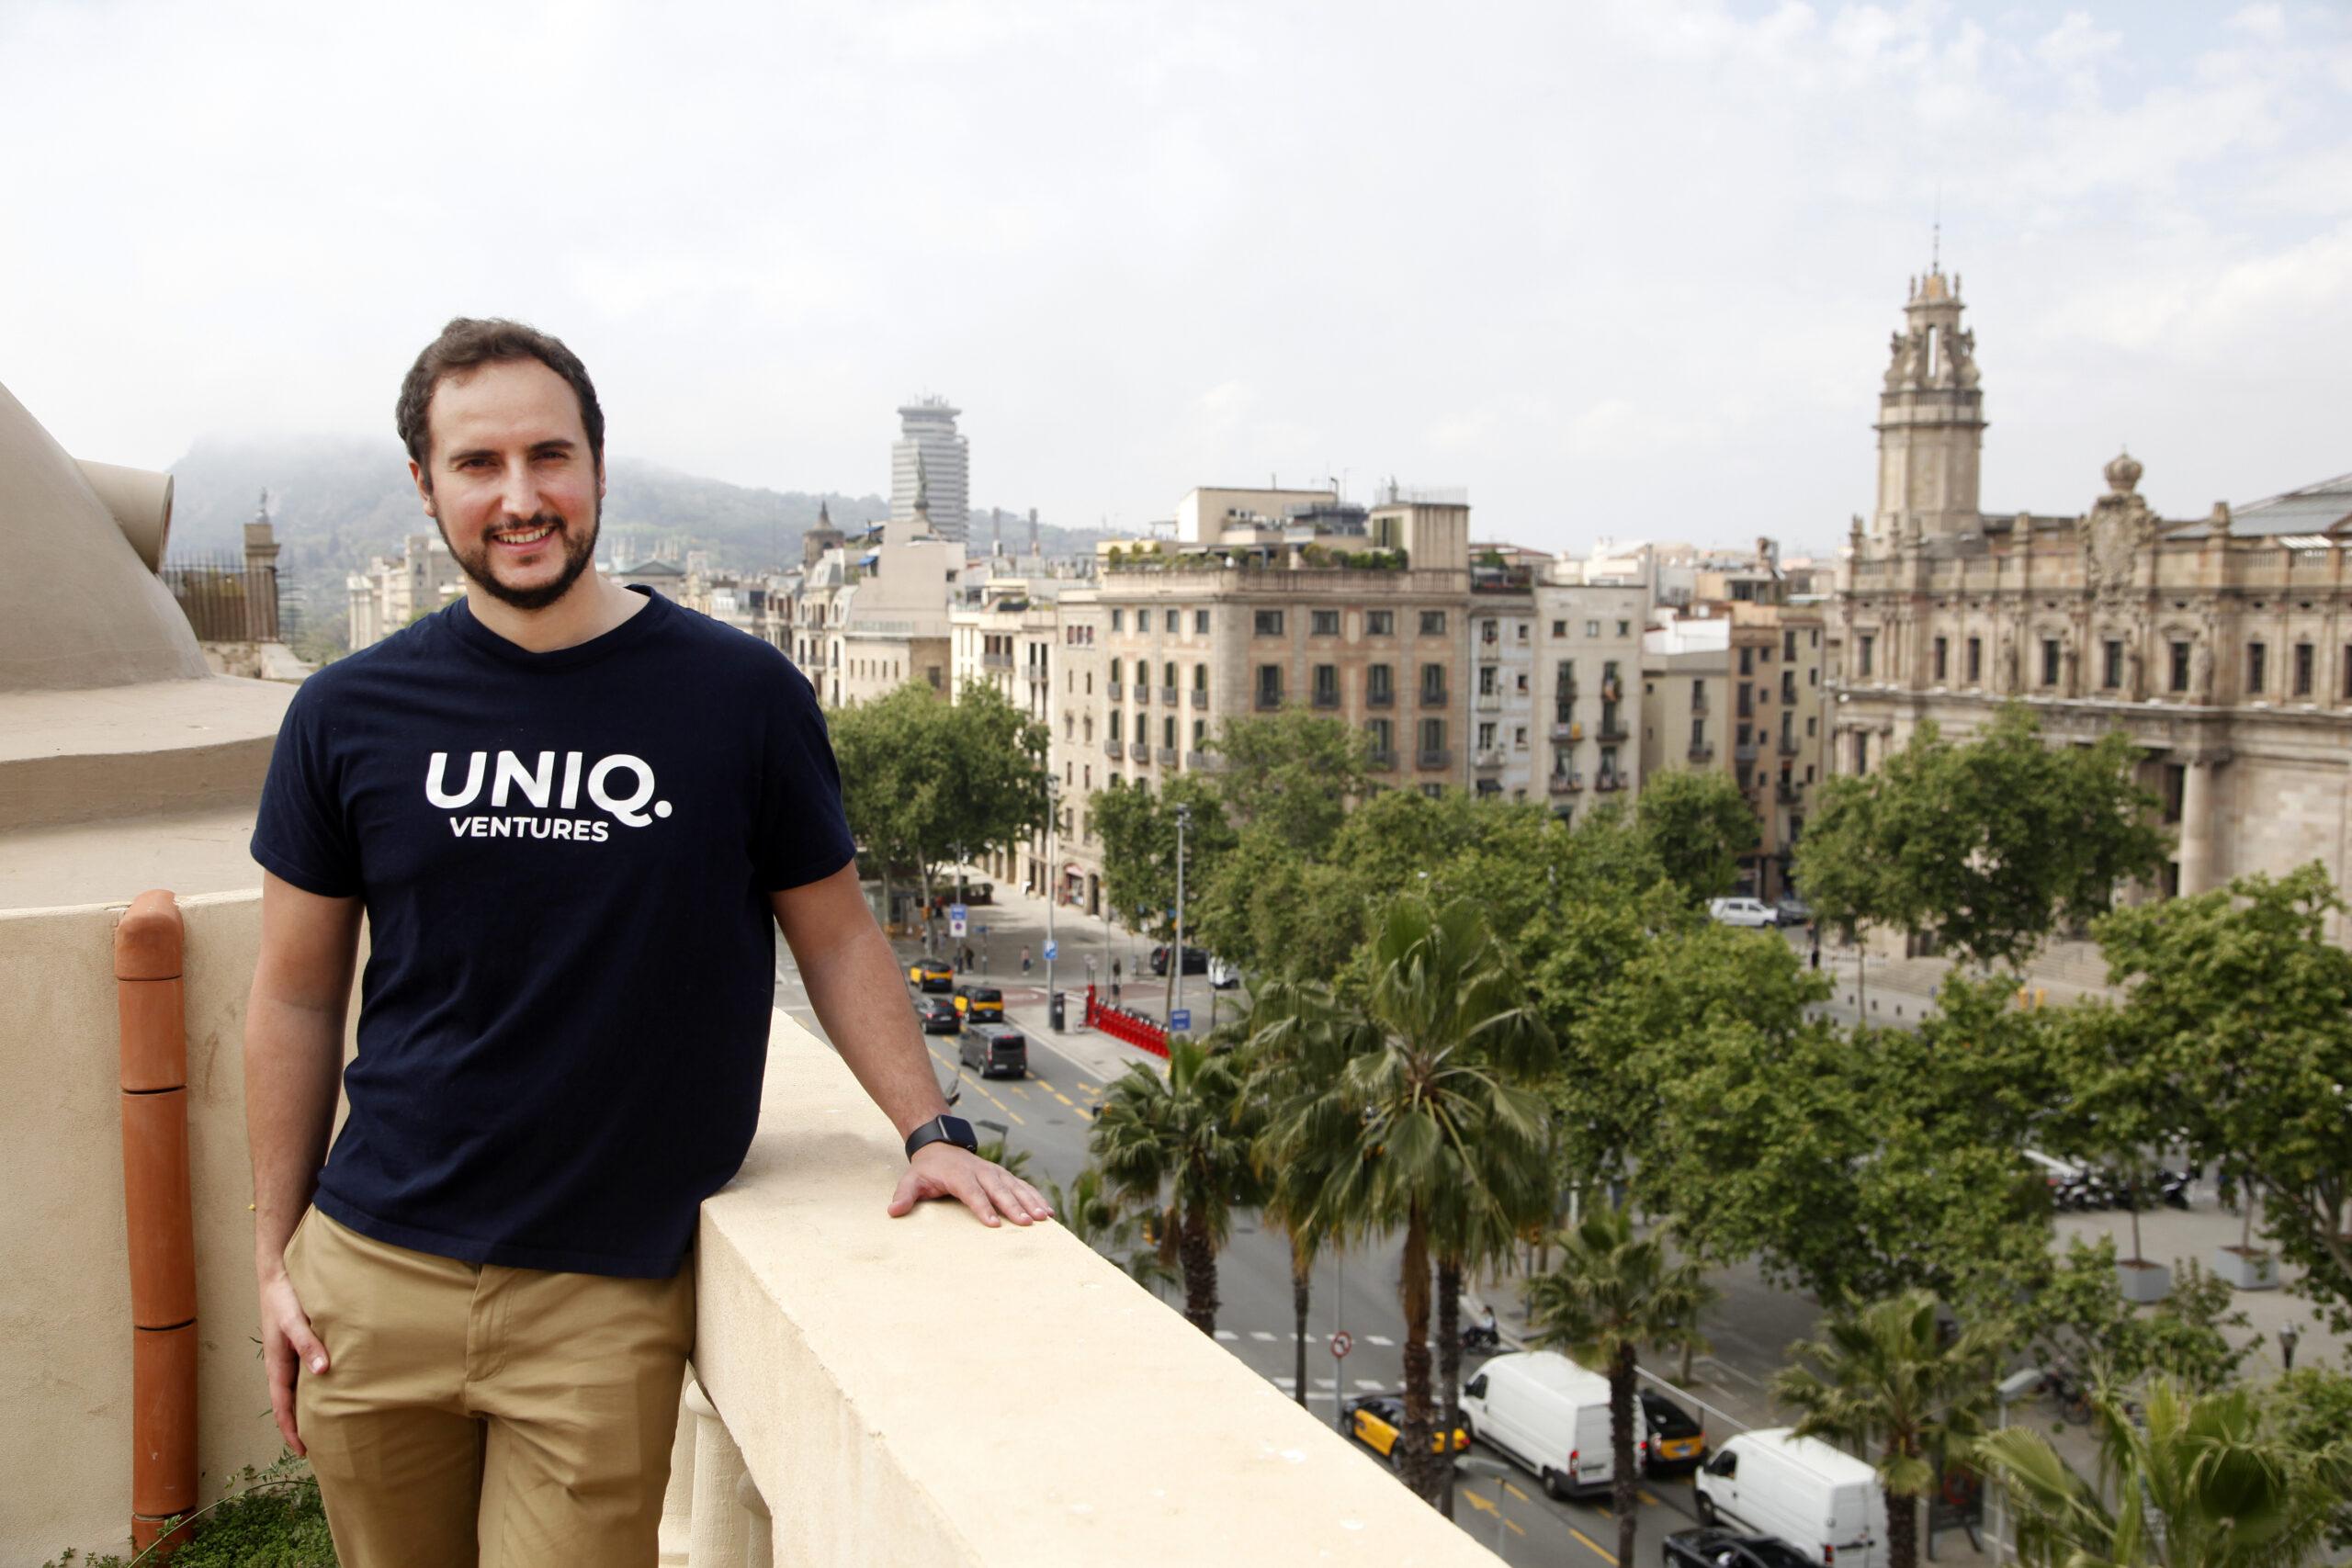 Uniq Ventures es primer venture builder especializado en fintech e insurtech en España que aspira a ser una referencia en el sur de Europa y Latinoamérica.